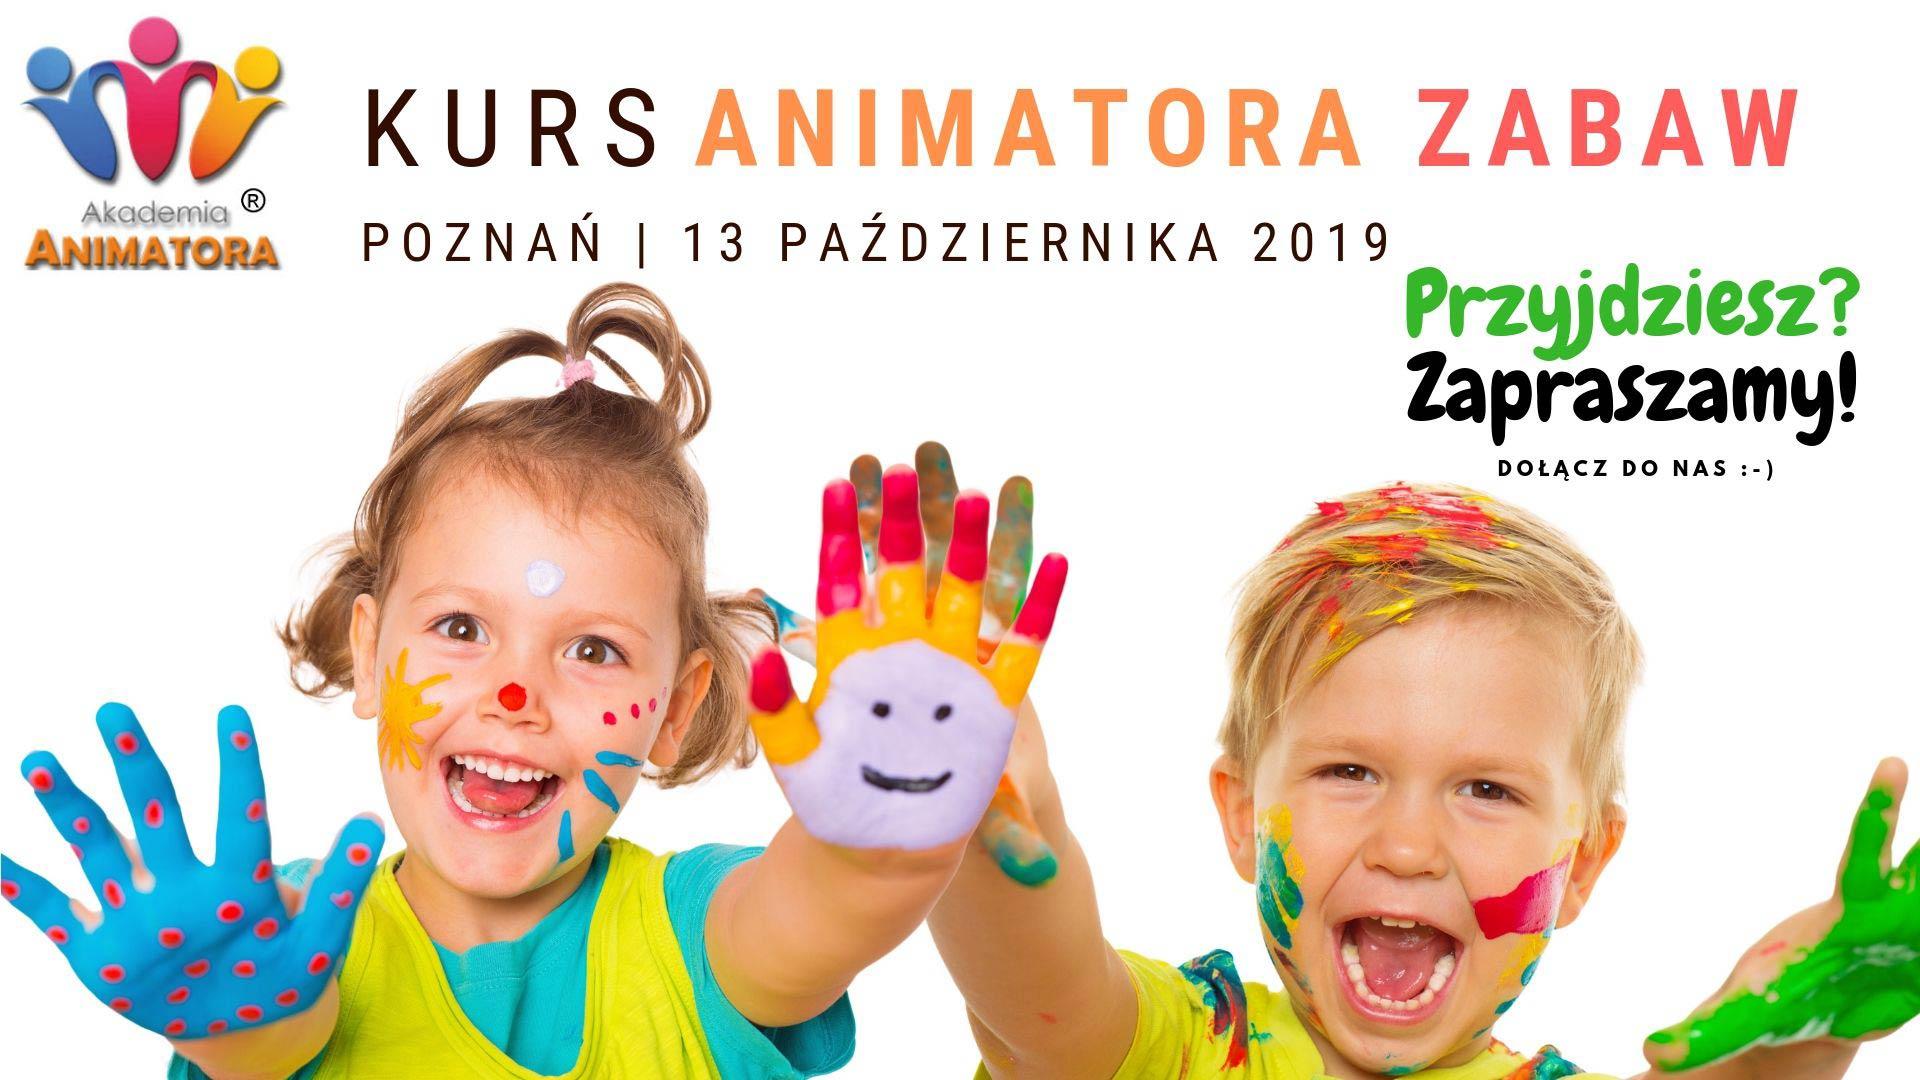 Kurs Animatora Poznań 13.10.2019